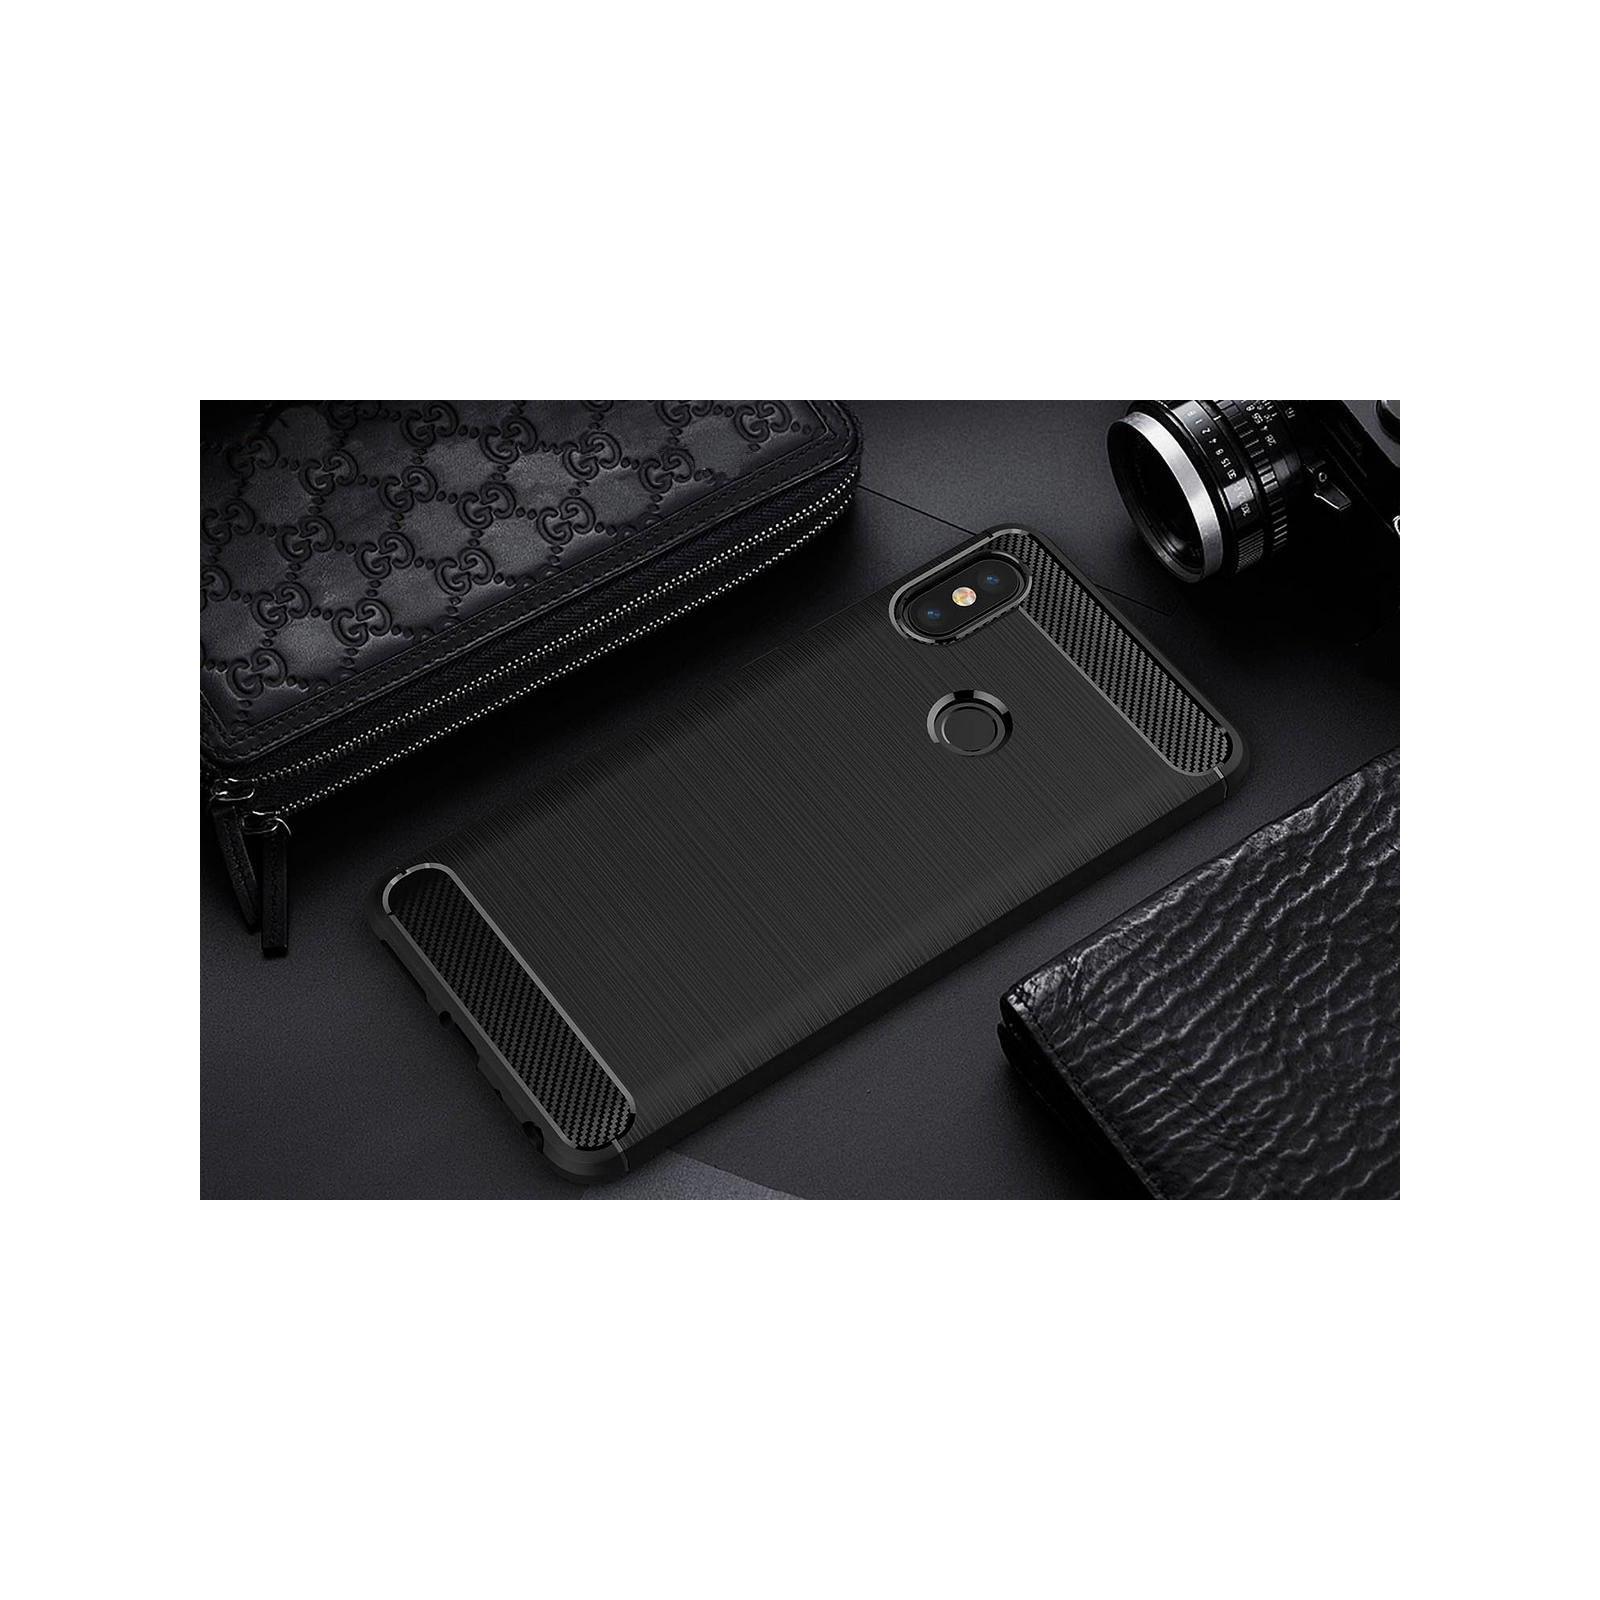 Чехол для моб. телефона Laudtec для XiaomiRedmi Note 5 Pro Carbon Fiber (Black) (LT-RN5PB) изображение 9